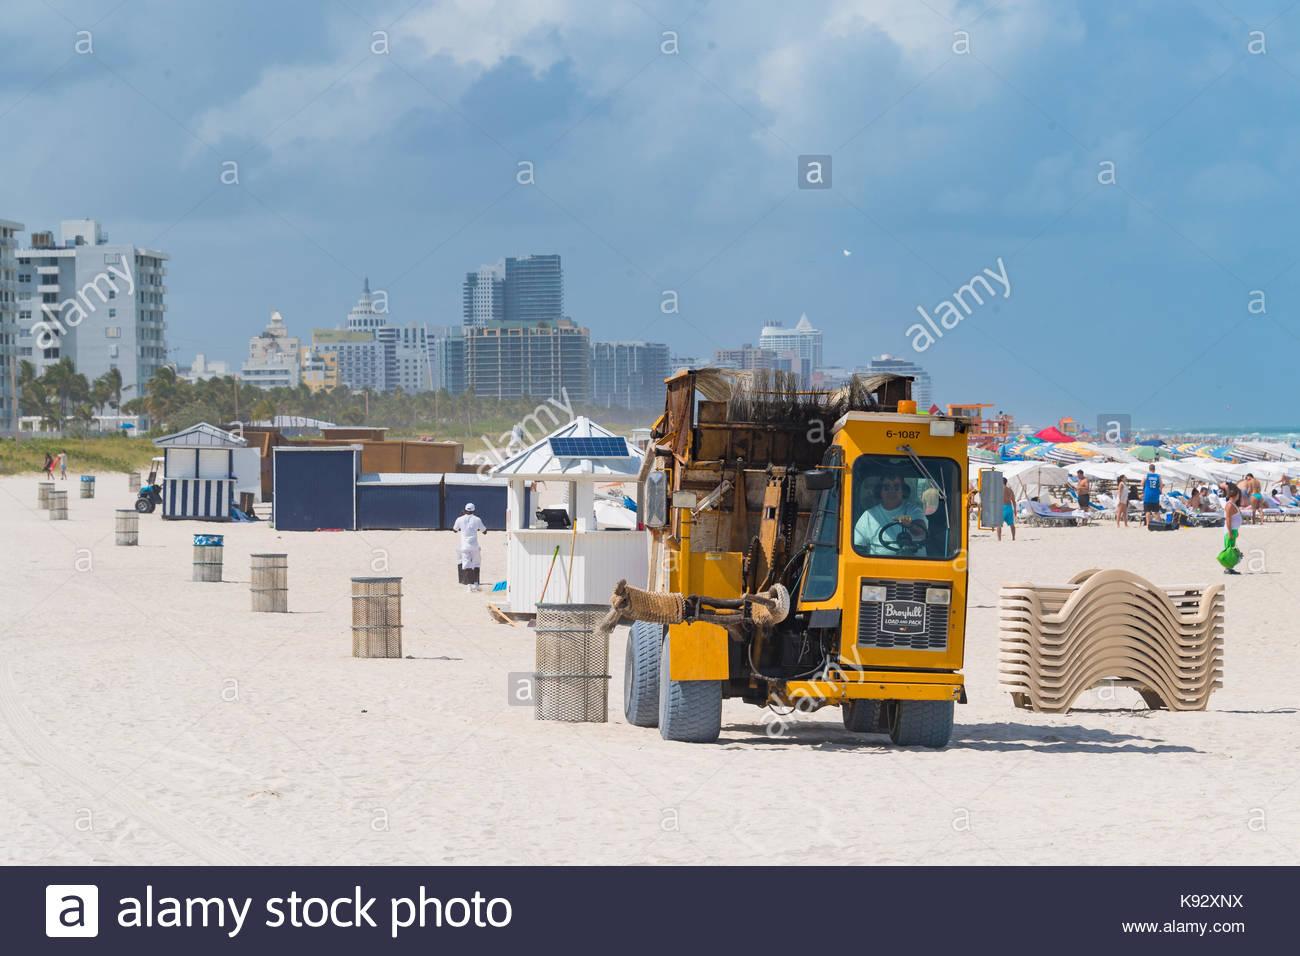 Recolección de basura en la playa de Miami. La famosa atracción turística lugar es visitado por miles Imagen De Stock